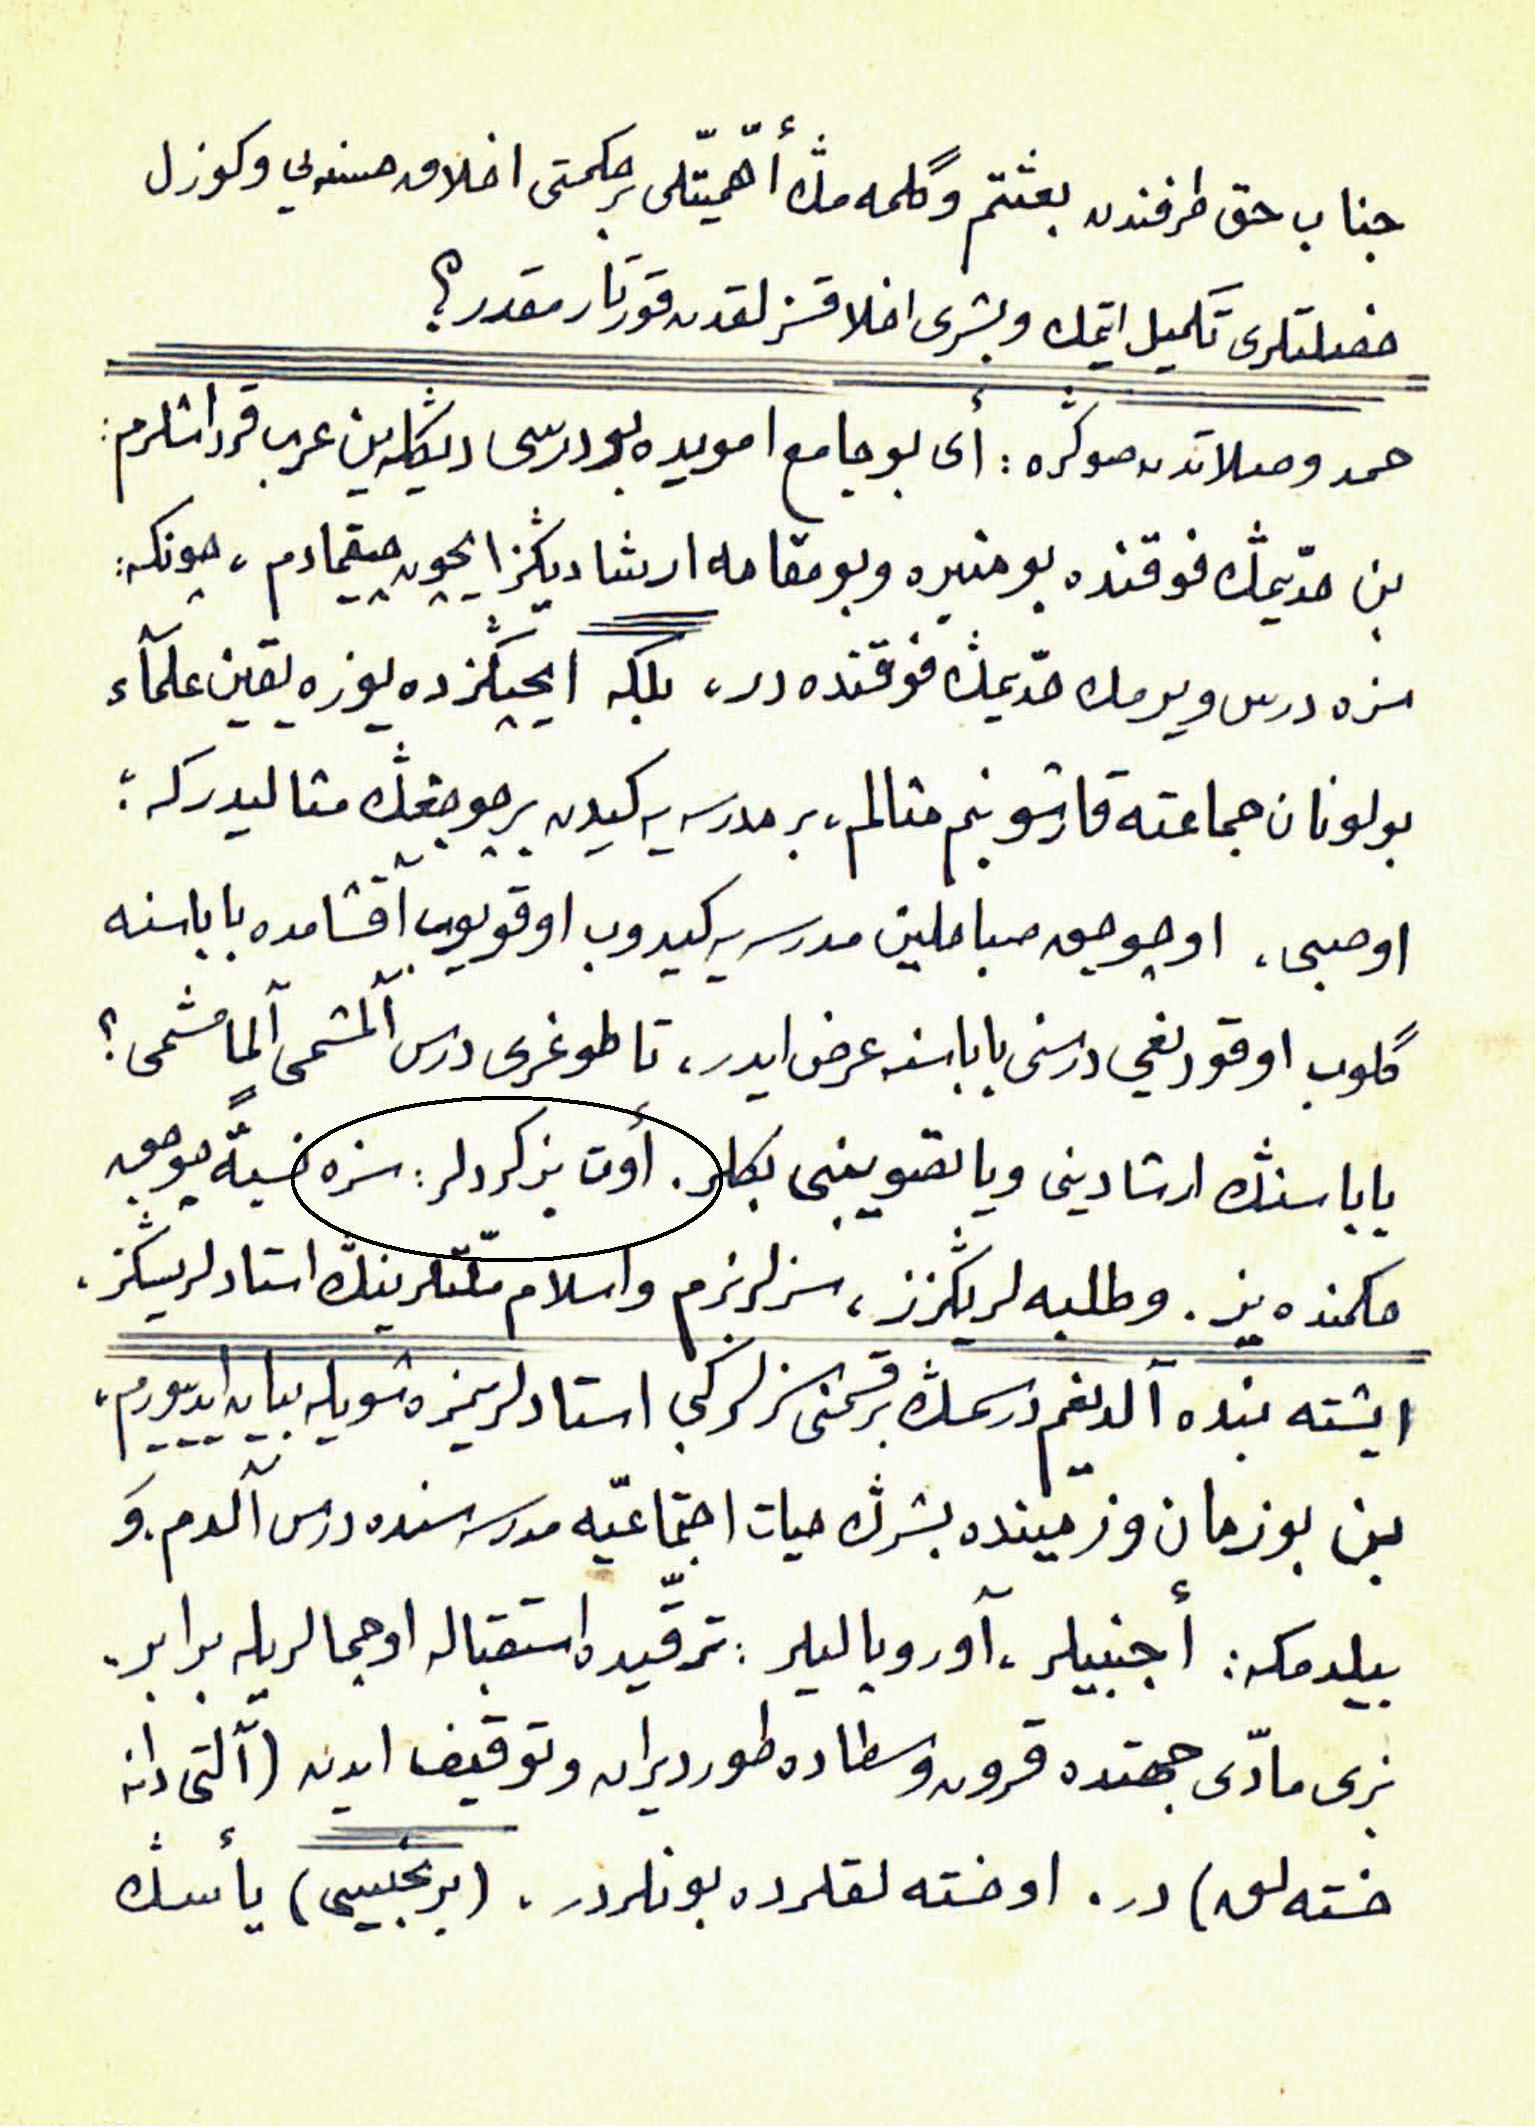 Said Kurdi